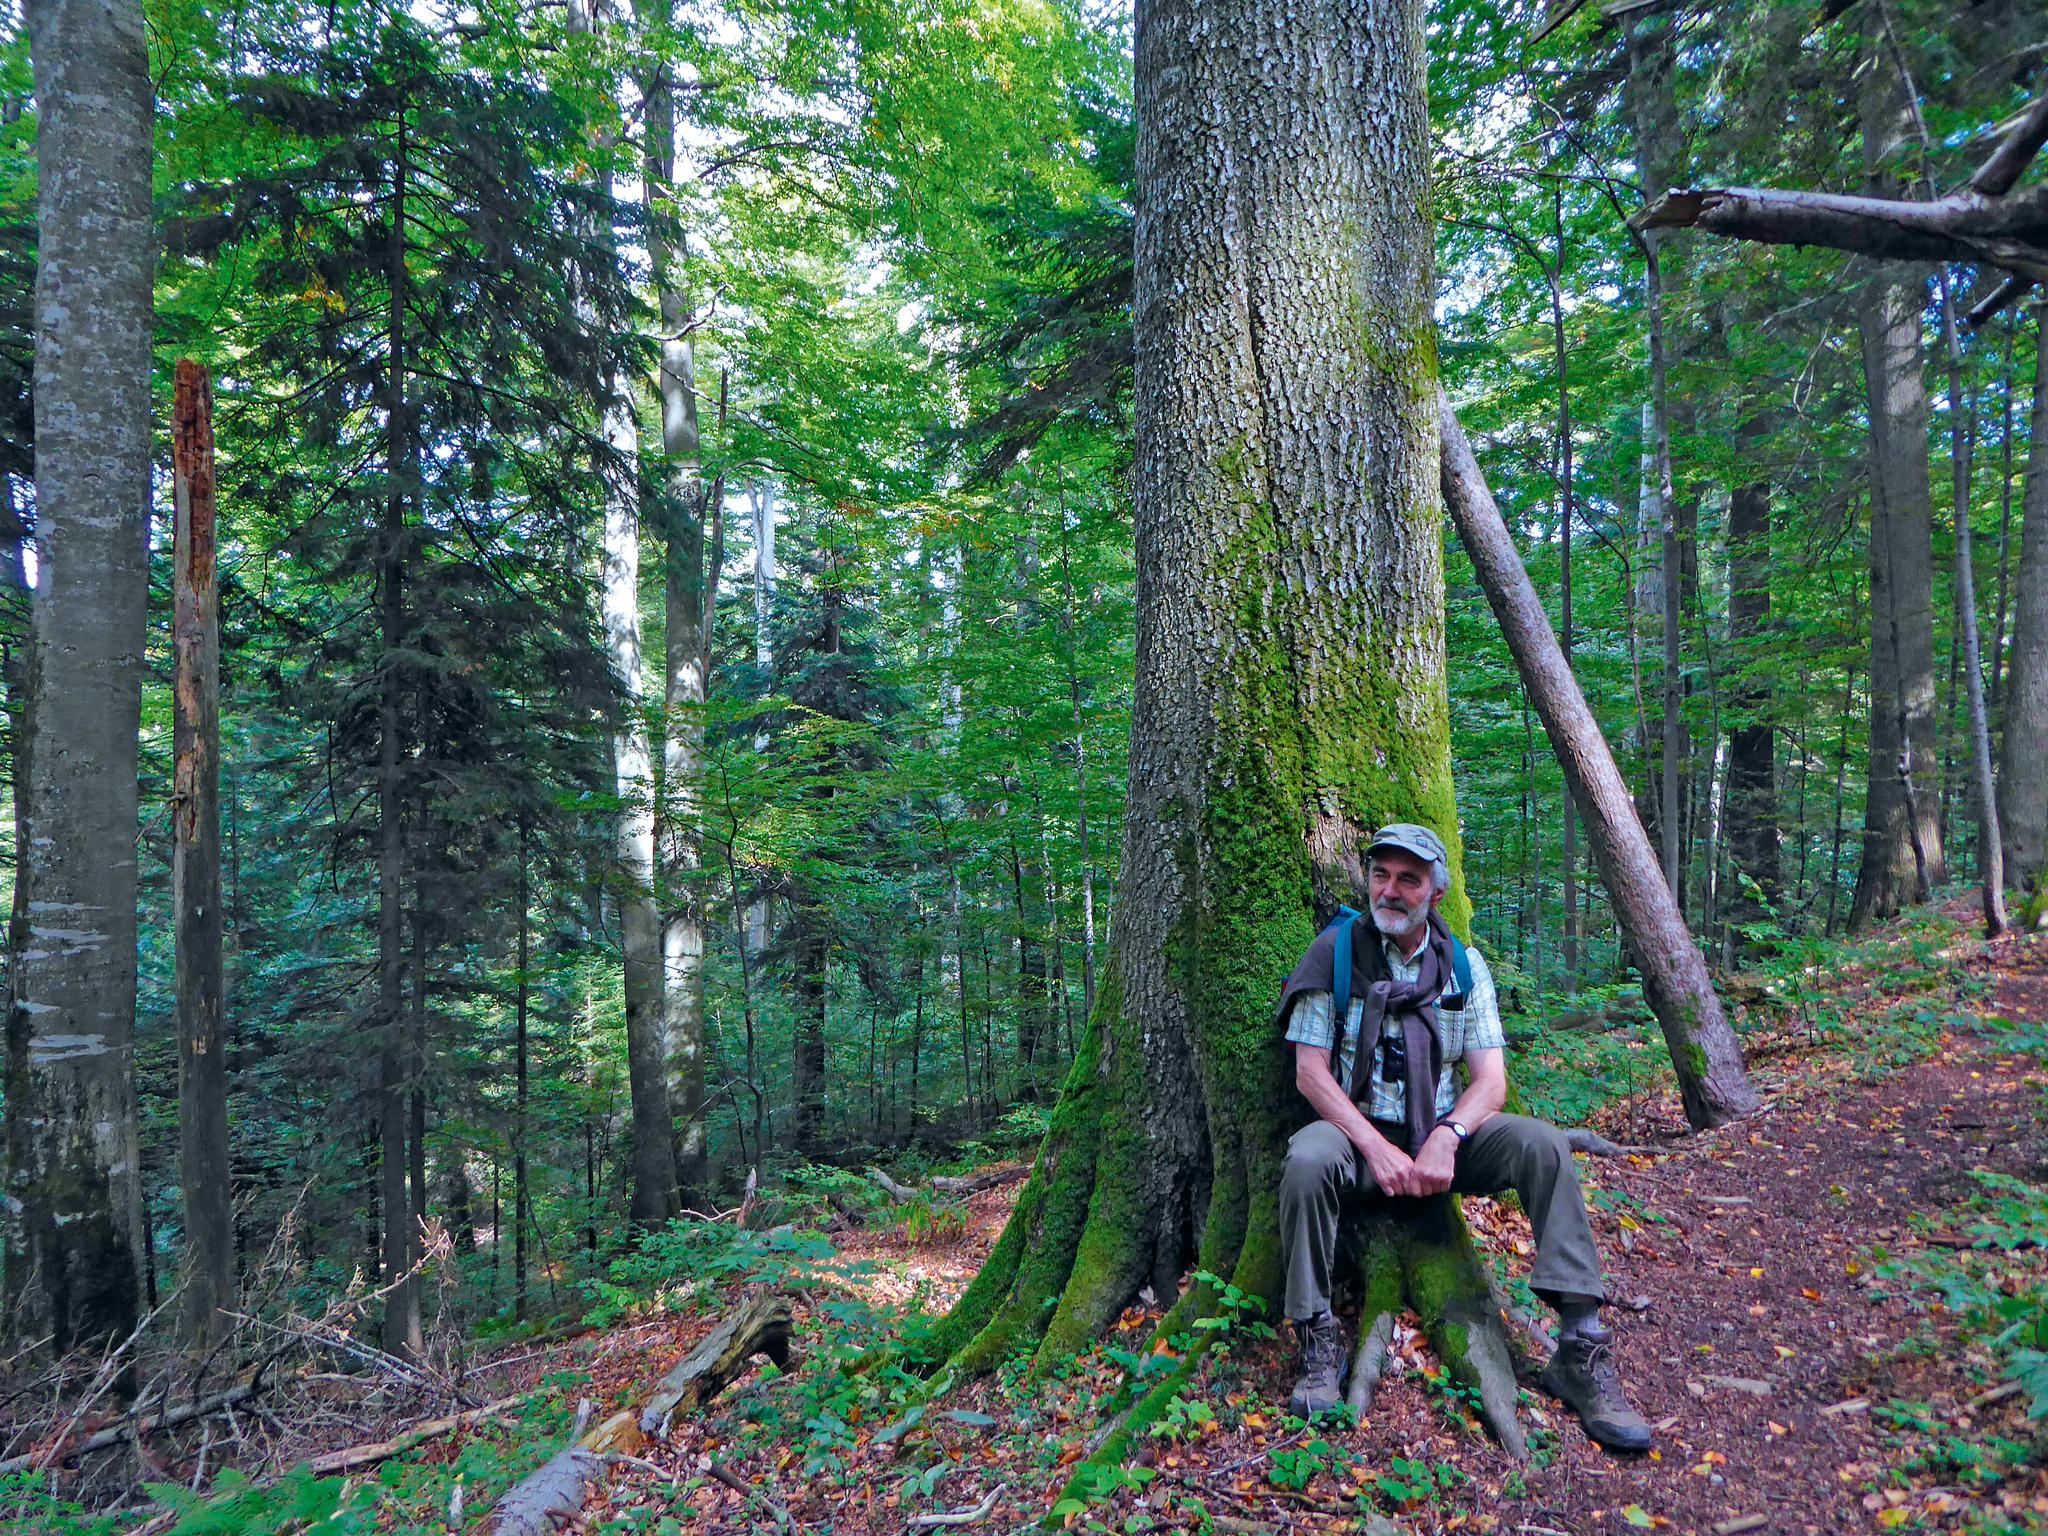 Lutz Fähser in Rumänien in einem Tannen-Buchen-Urwald der Karpaten. © Privatarchiv Dr. Lutz Fähser